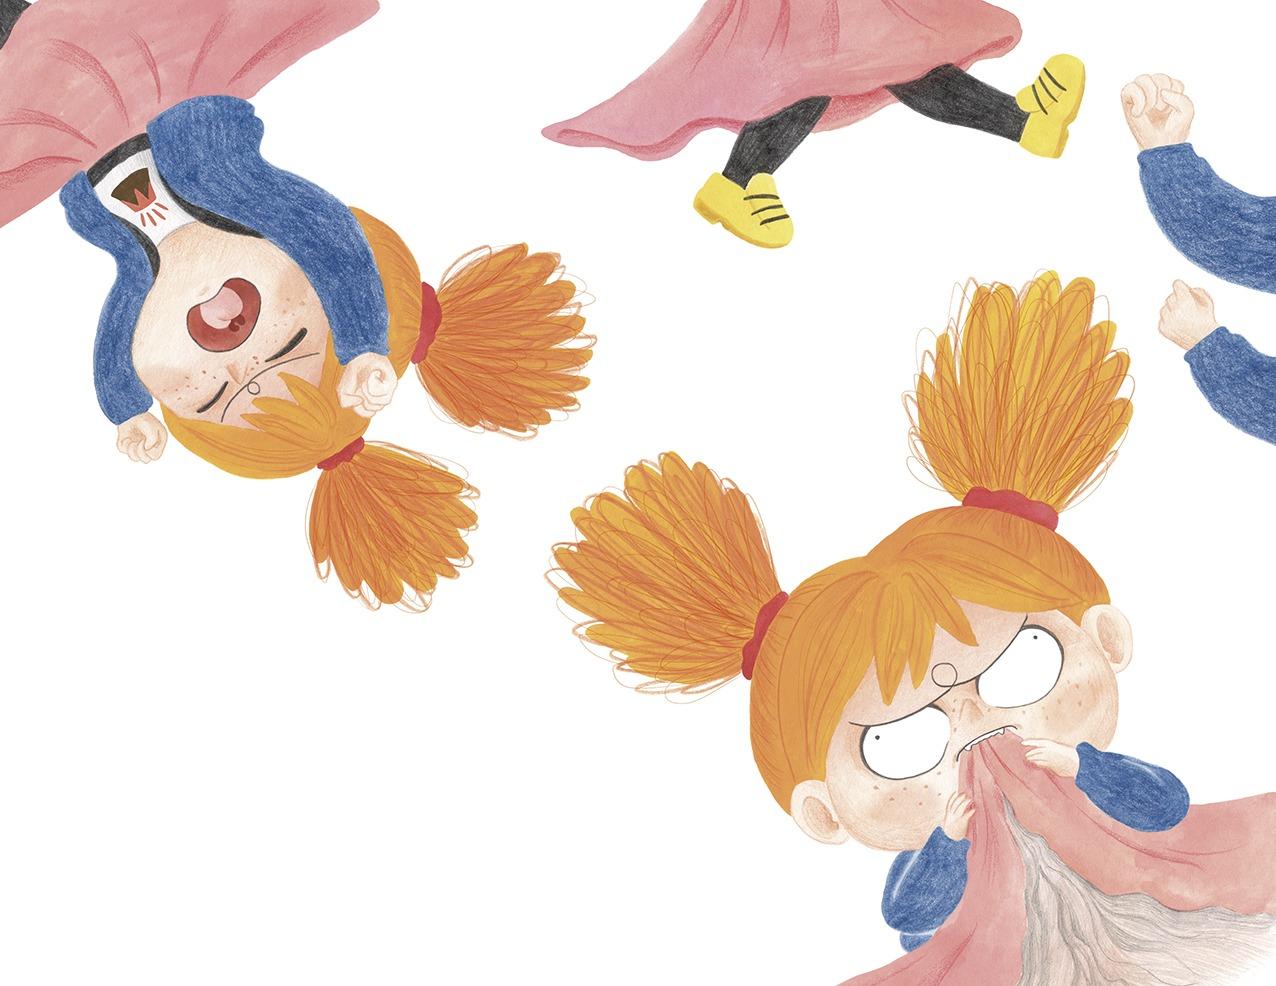 Ana está furiosa, ilustración infantil, ilustración para niños, niña enfadada, Christine Nöstlinger, Mar Villar, El Barco de Vapor, SM, ilustración de niña enfadada,